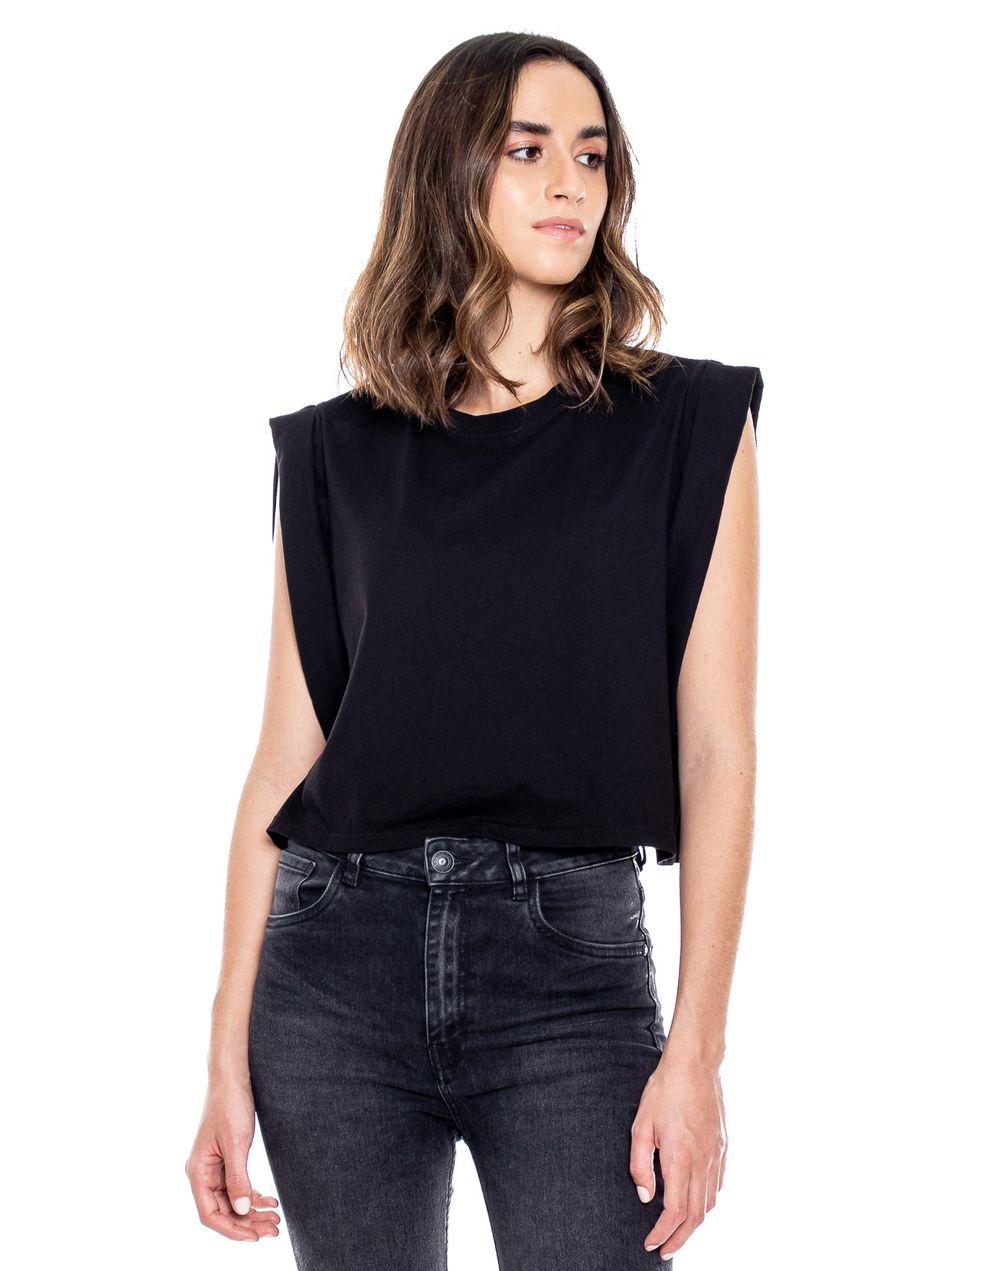 camiseta-124328-negro-1.jpg